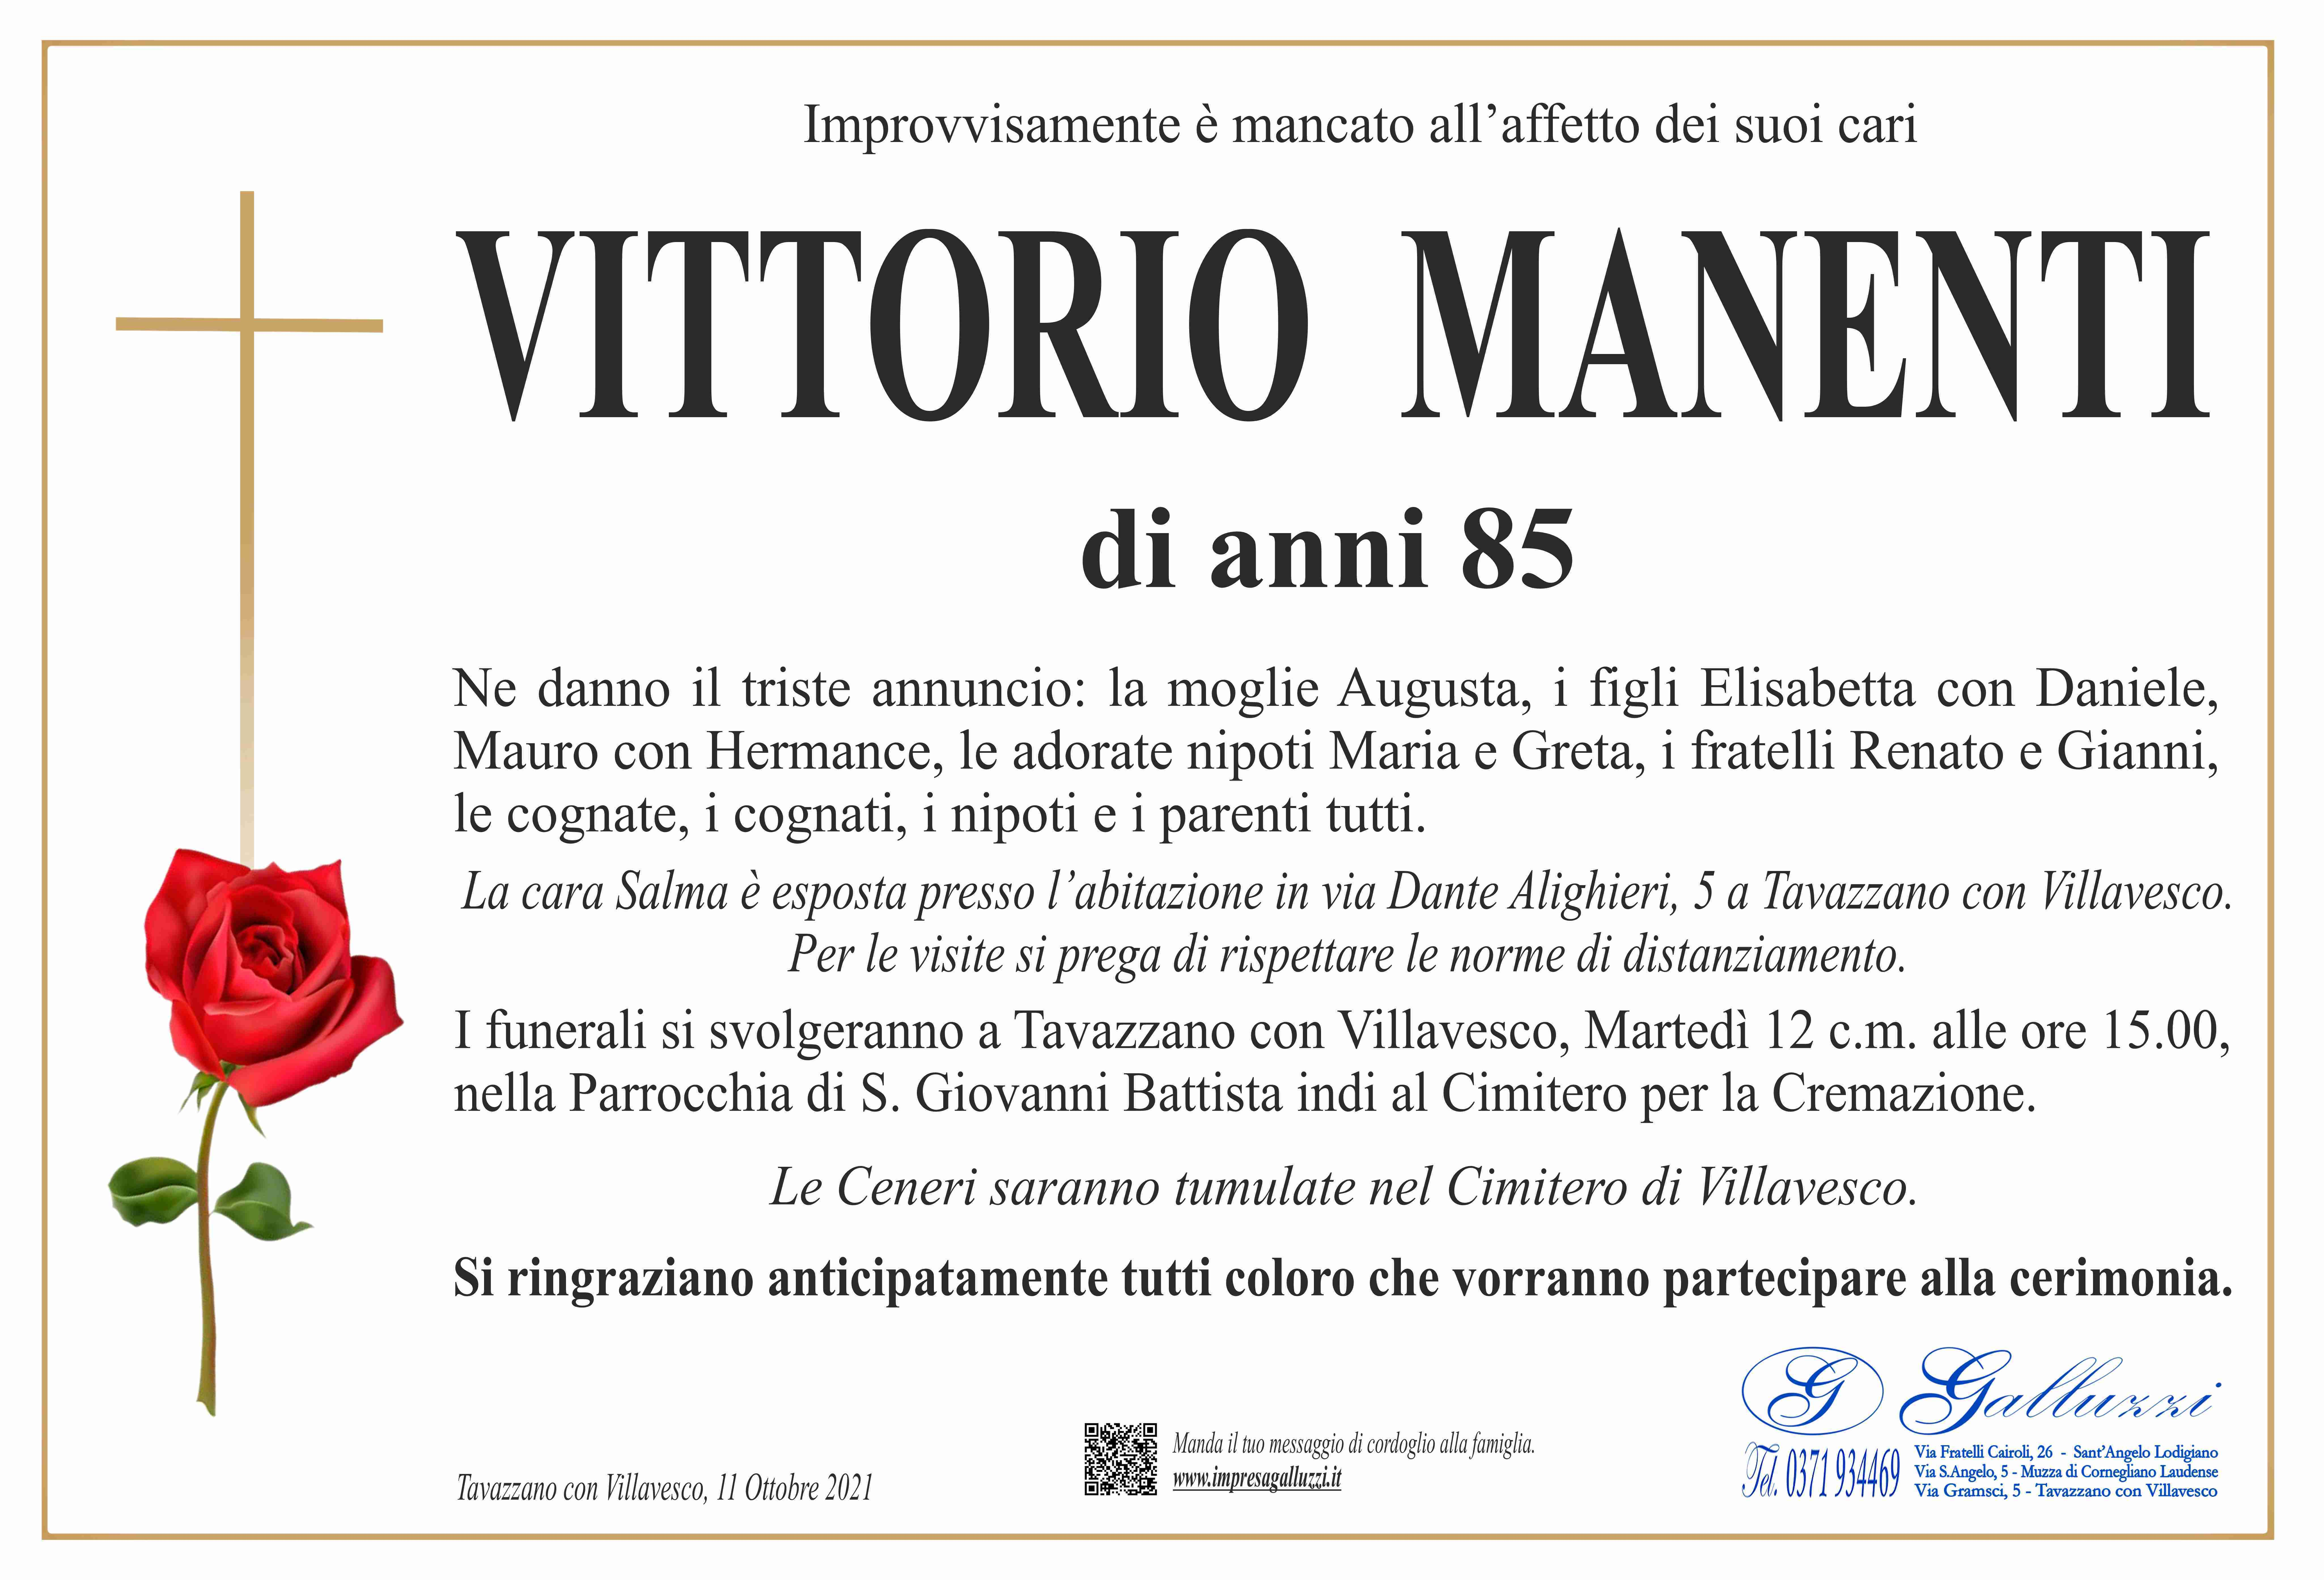 Vittorio Manenti